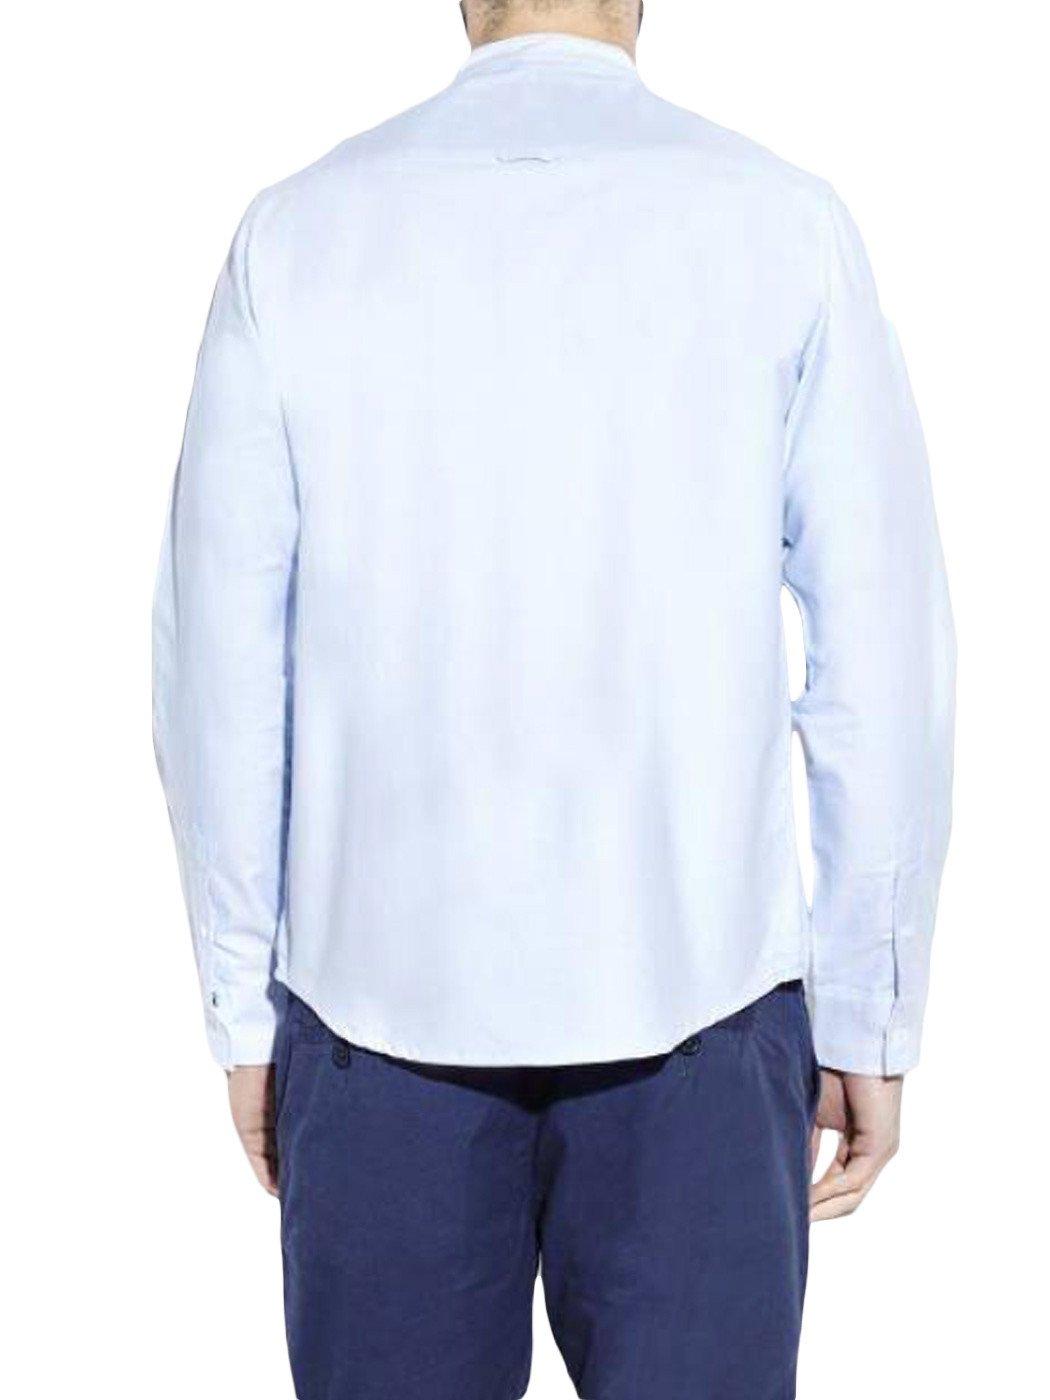 Mens Casual Brave Soul Mandarin Collar Long Sleeves Shirts